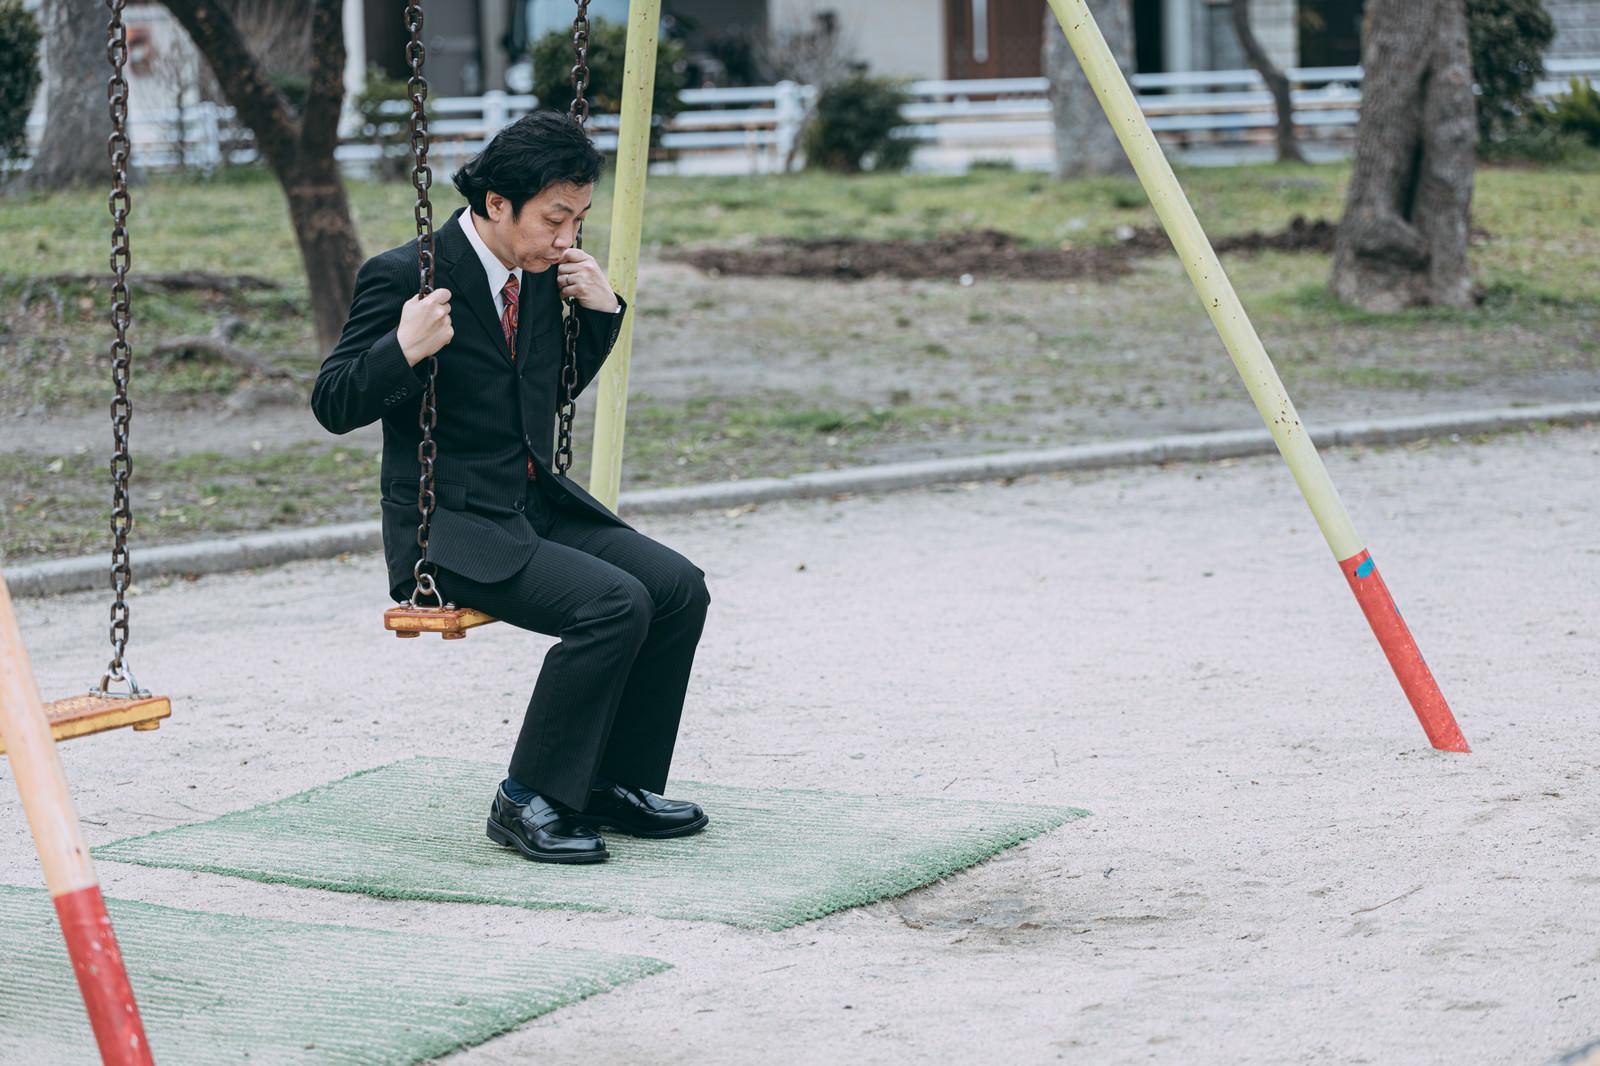 「【地域防犯情報】中年男性が昼間公園でブランコに乗る事案が発生。」の写真[モデル:のせさん]